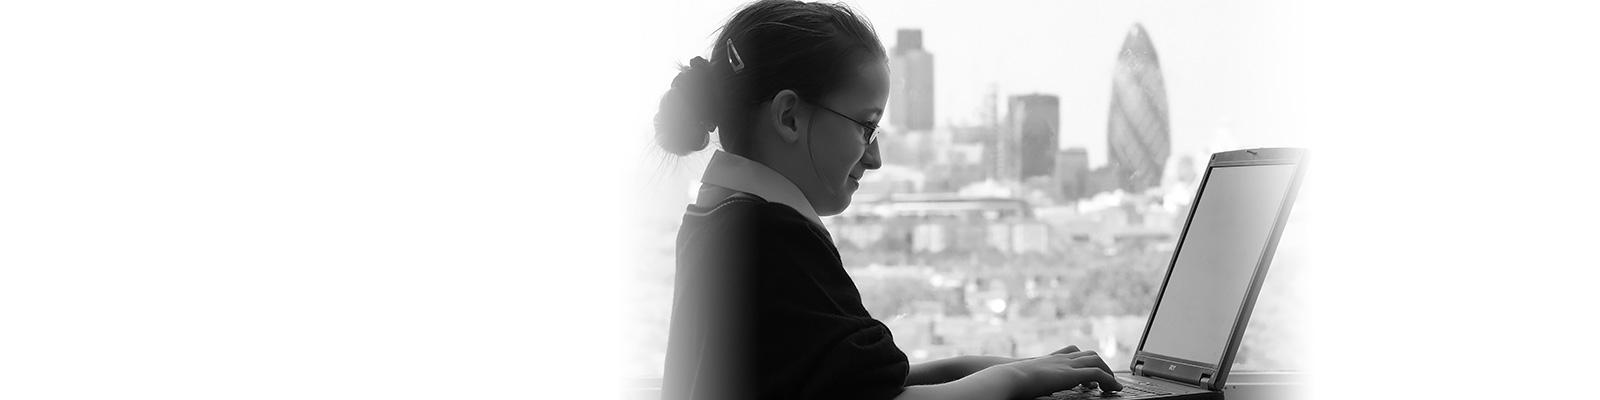 ロンドン オンライン 教育 イメージ